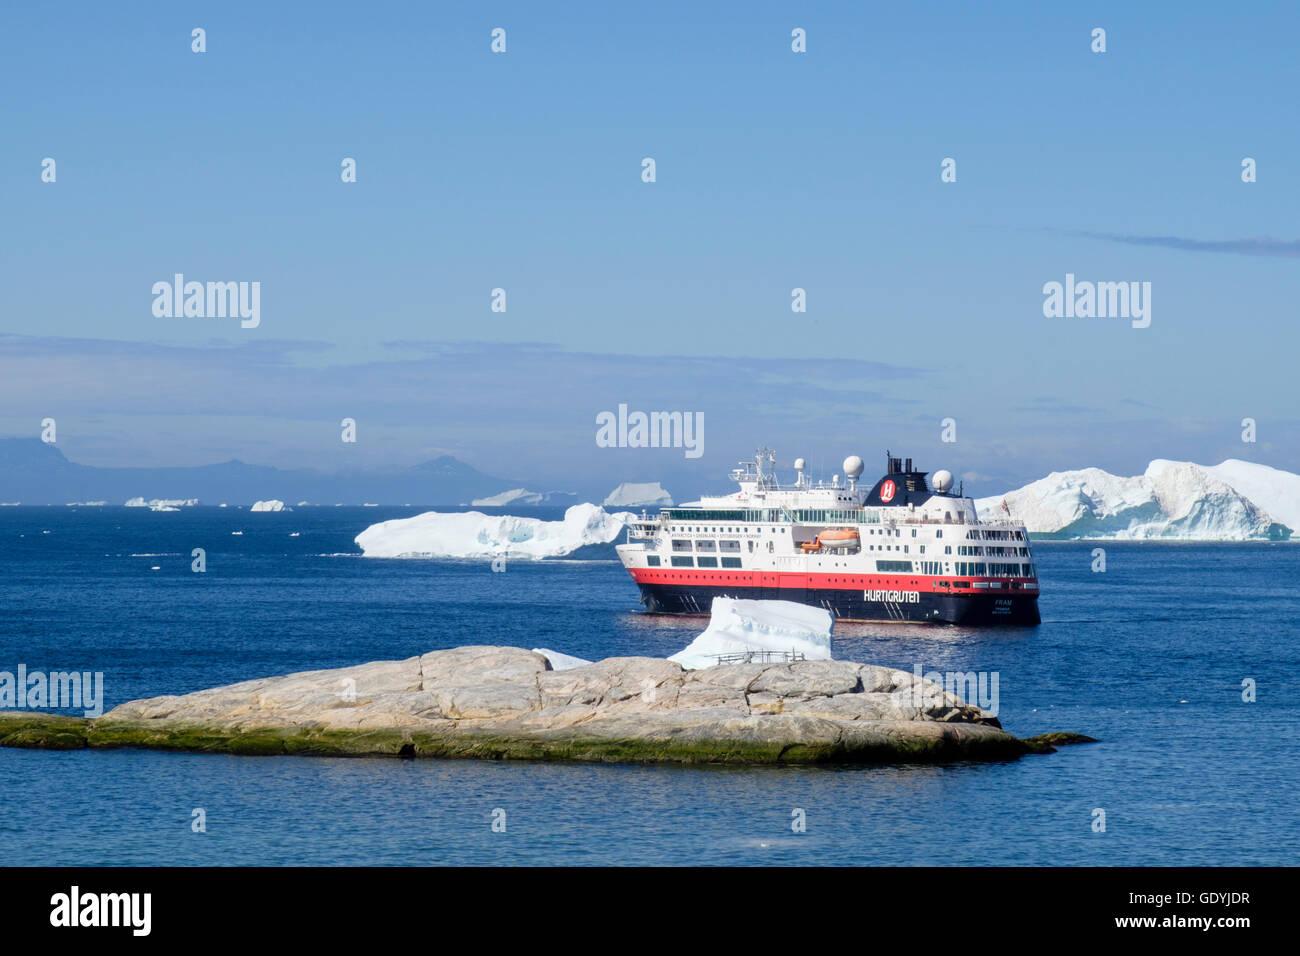 Mme Hurtigruten Fram expedition explorer bateau de croisière amarré au large entre les icebergs dans la baie de Disko, sur la côte ouest à l'été 2016. Ilulissat, Groenland. Banque D'Images